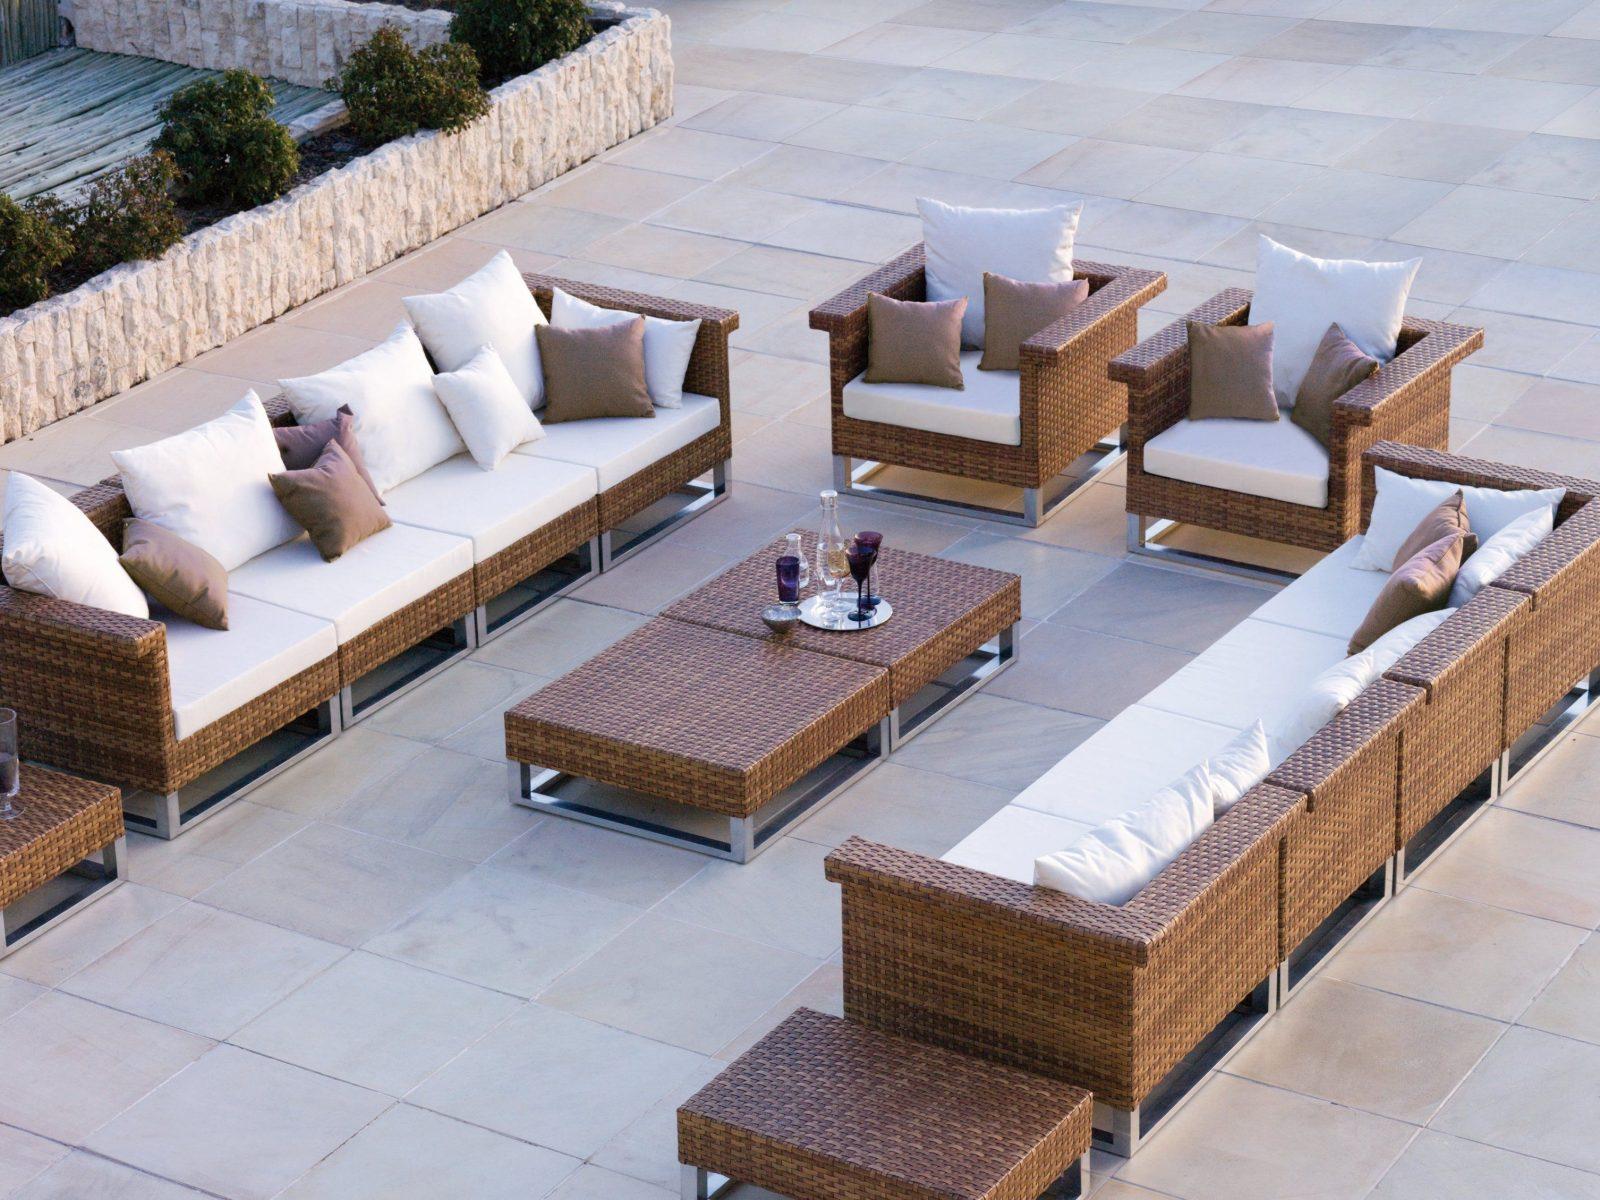 Lounge Möbel Selber Bauen Wunderbar Auf Kreative Deko Ideen Für von Lounge Möbel Selber Machen Bild